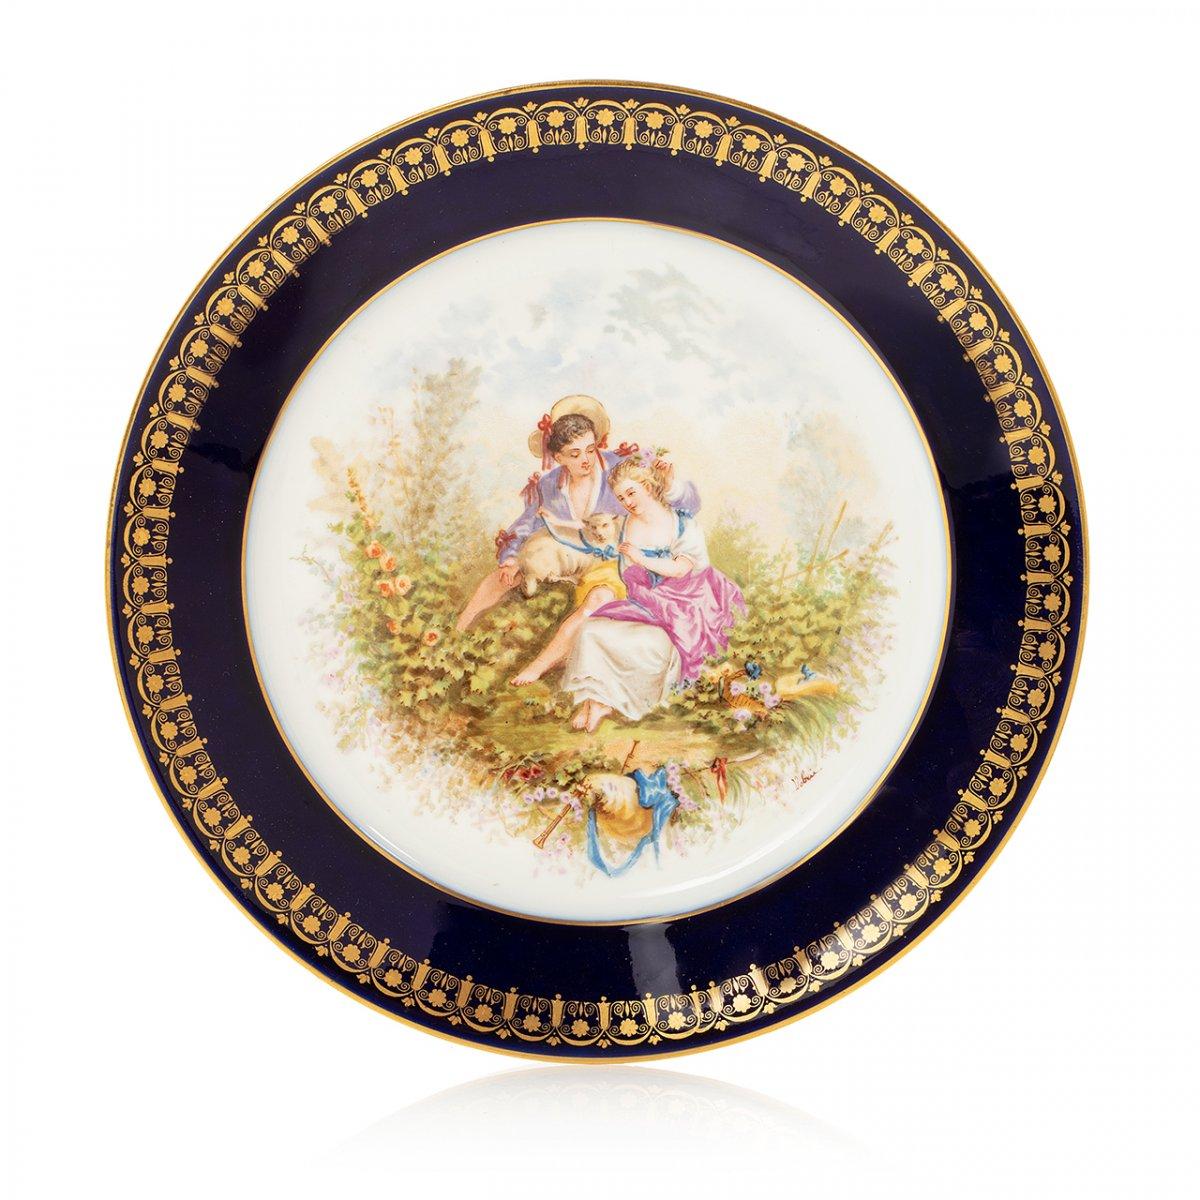 Assiette En Porcelaine De Sèvres Datée 1894 à Décor De Scène Galante Sevres